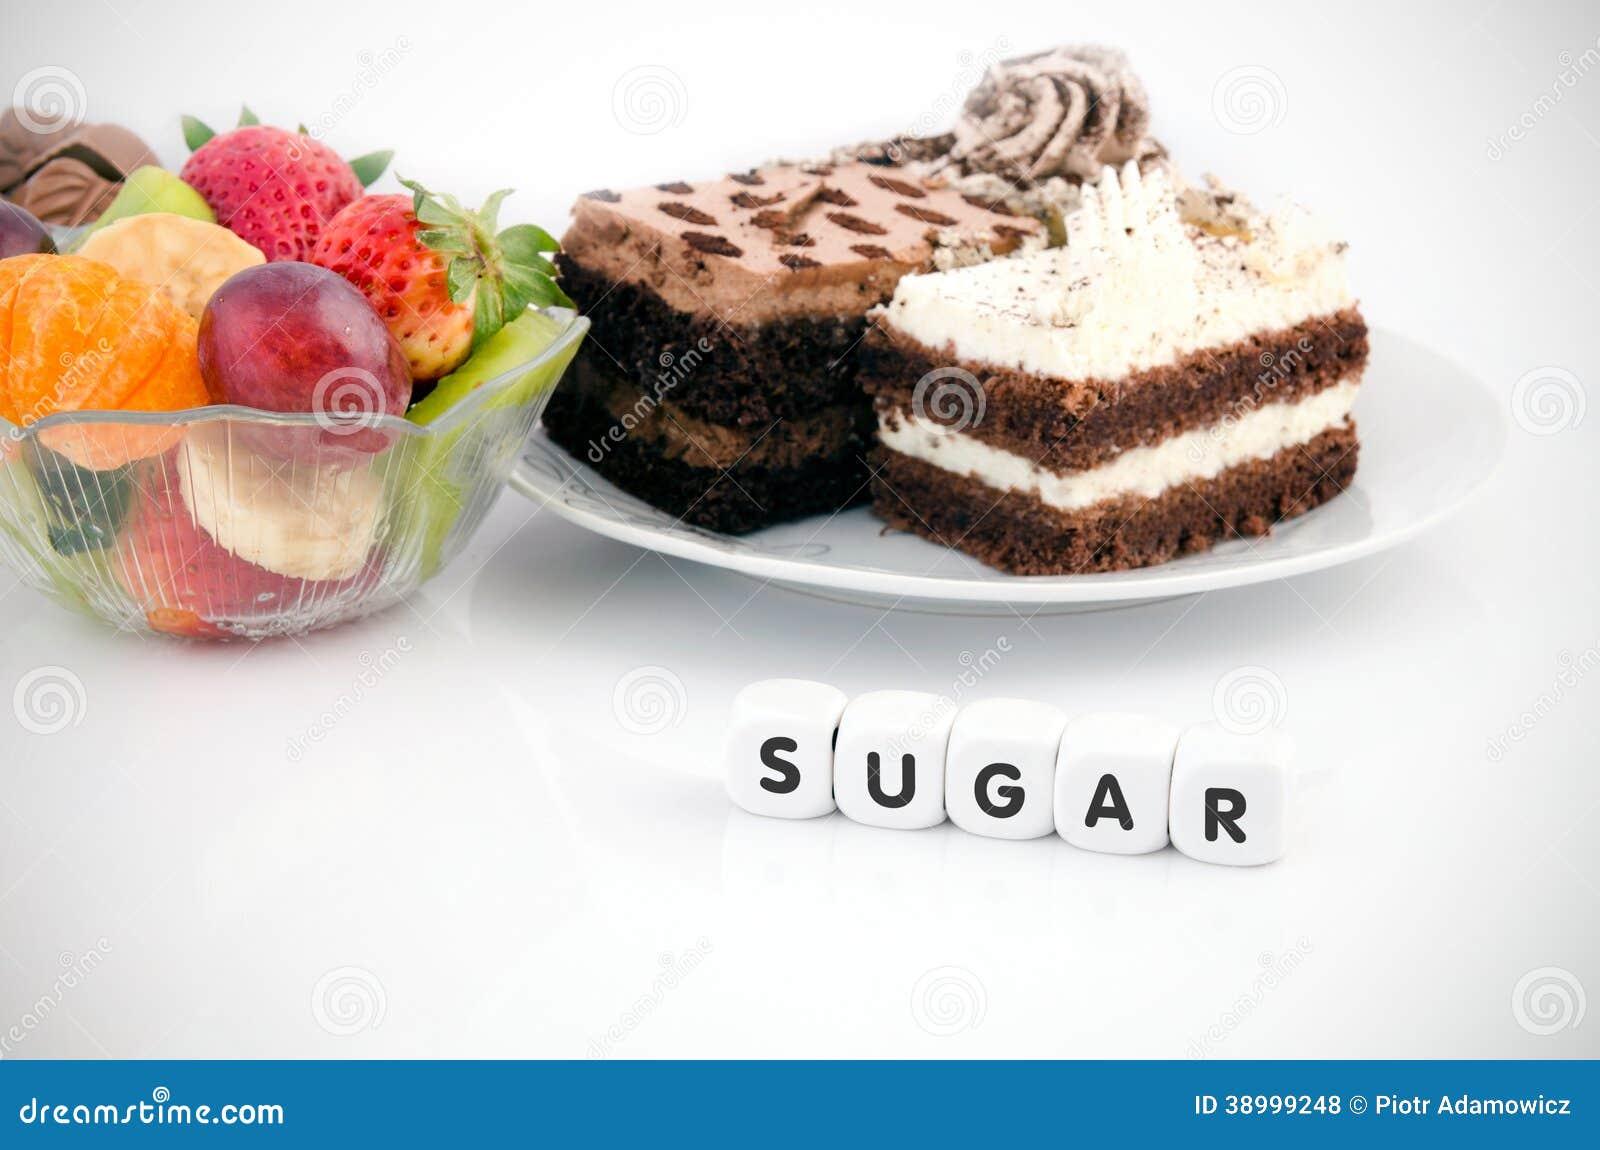 La parola dello zucchero sopra taglia. Dolce e frutti nel fondo